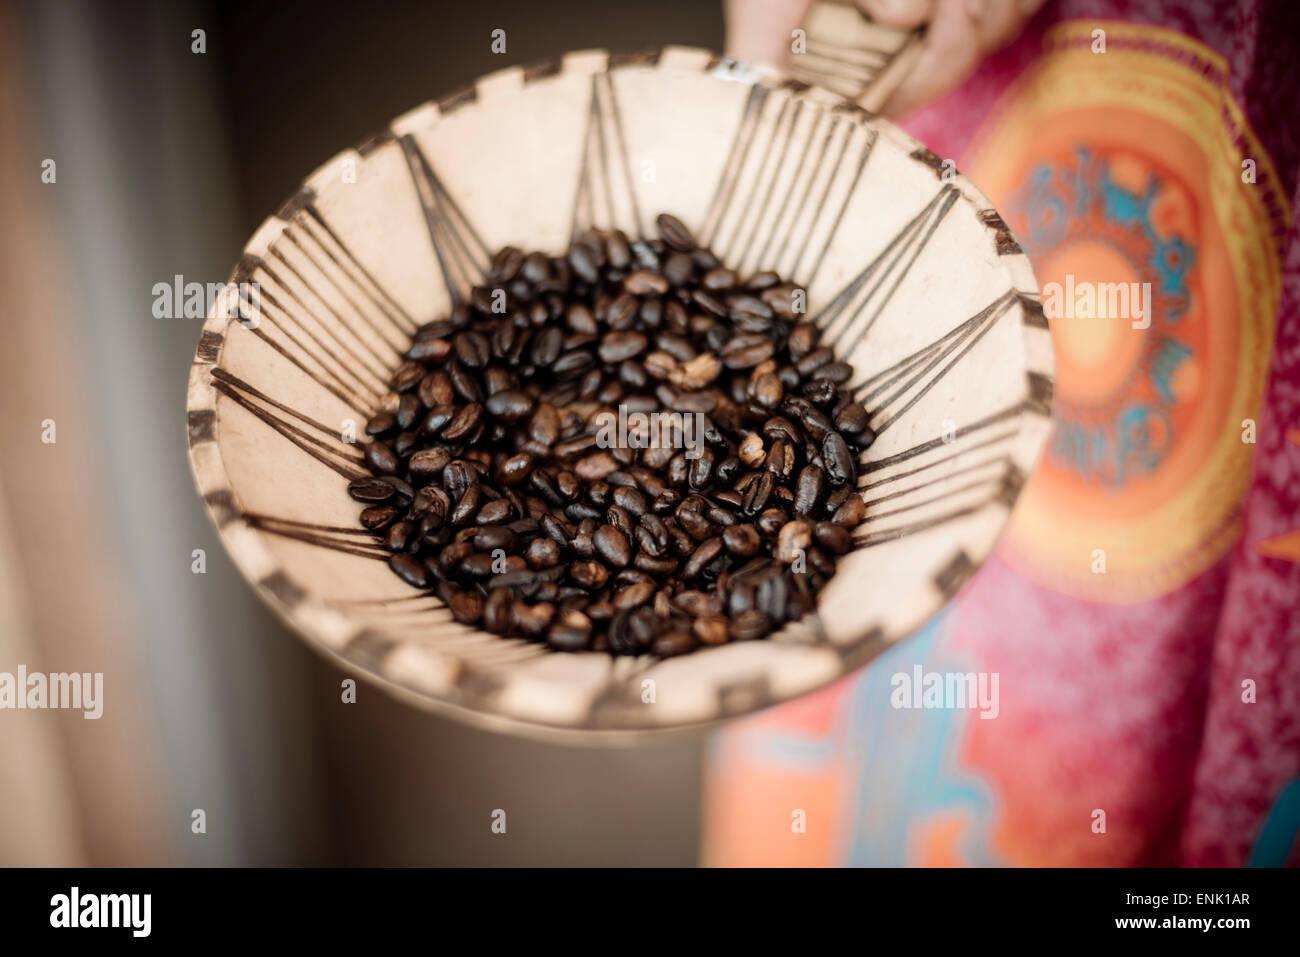 Les grains de café, vallée de l'Omo, Ethiopie, Afrique Photo Stock